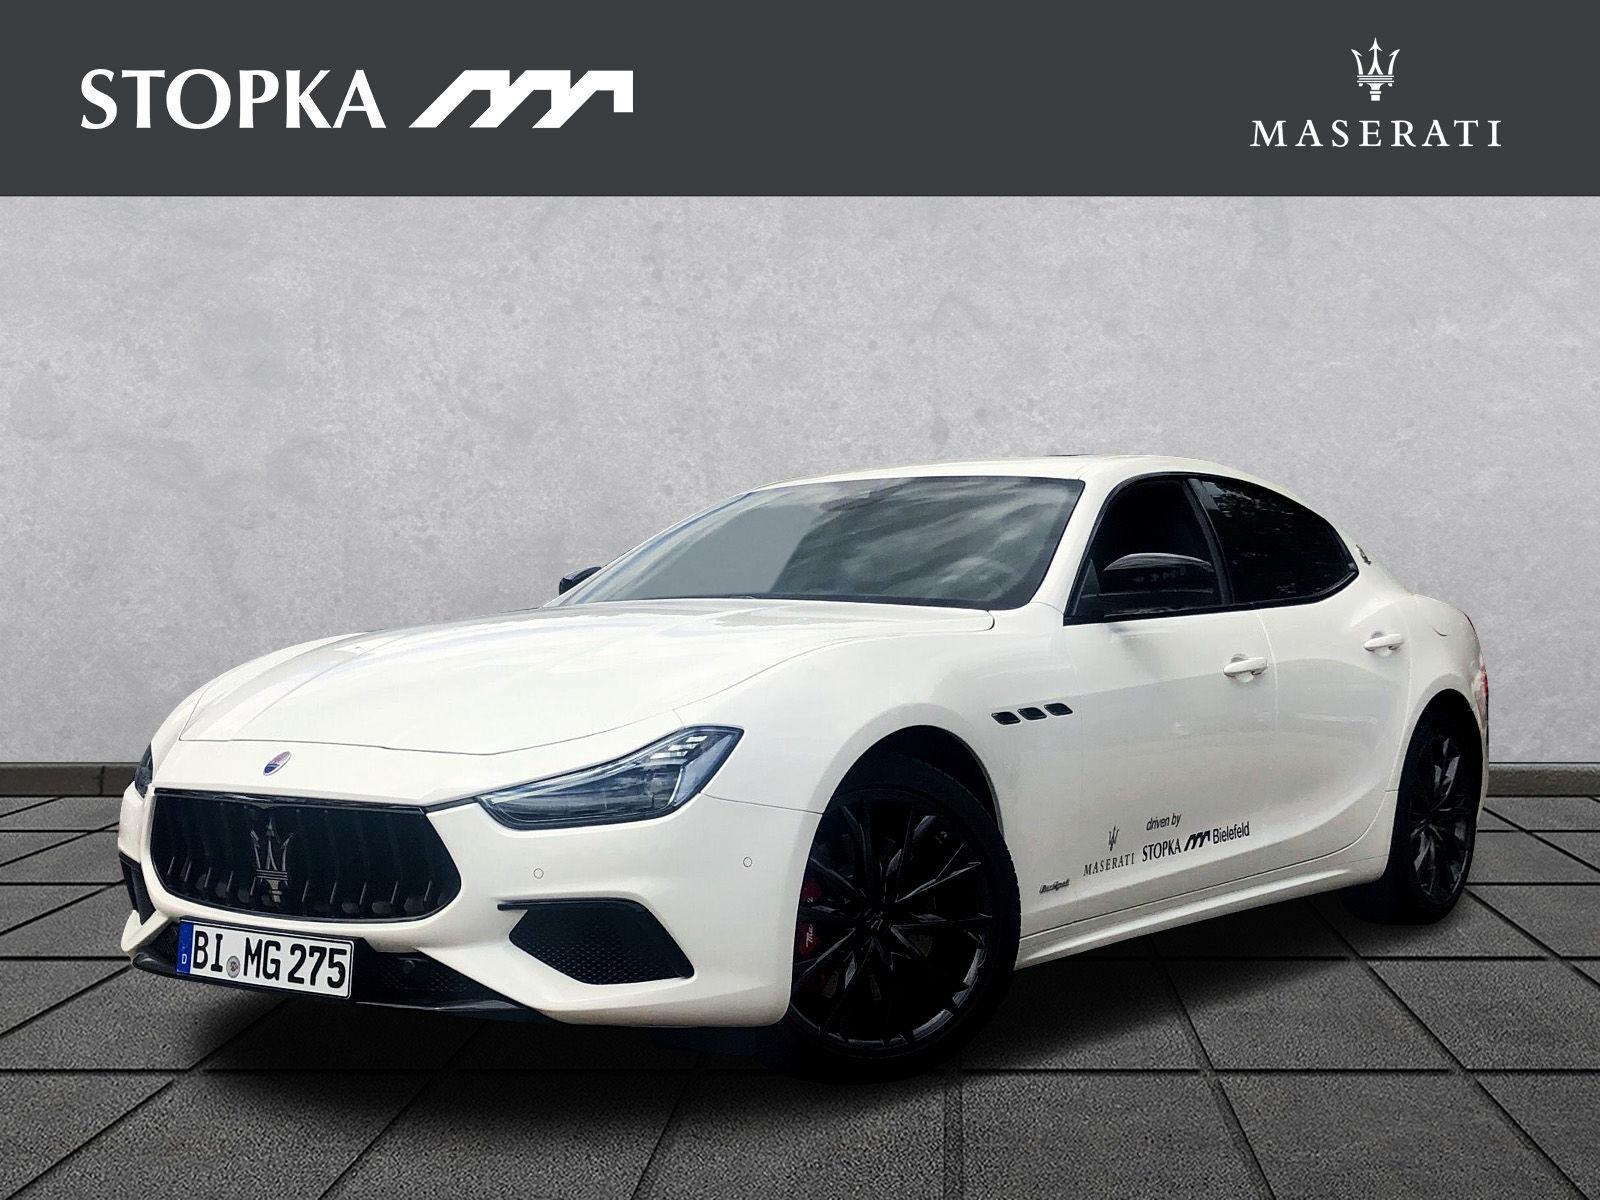 Maserati Ghibli Diesel GranSport*UPE 96.770*ACC*360°*LED, Jahr 2019, Diesel